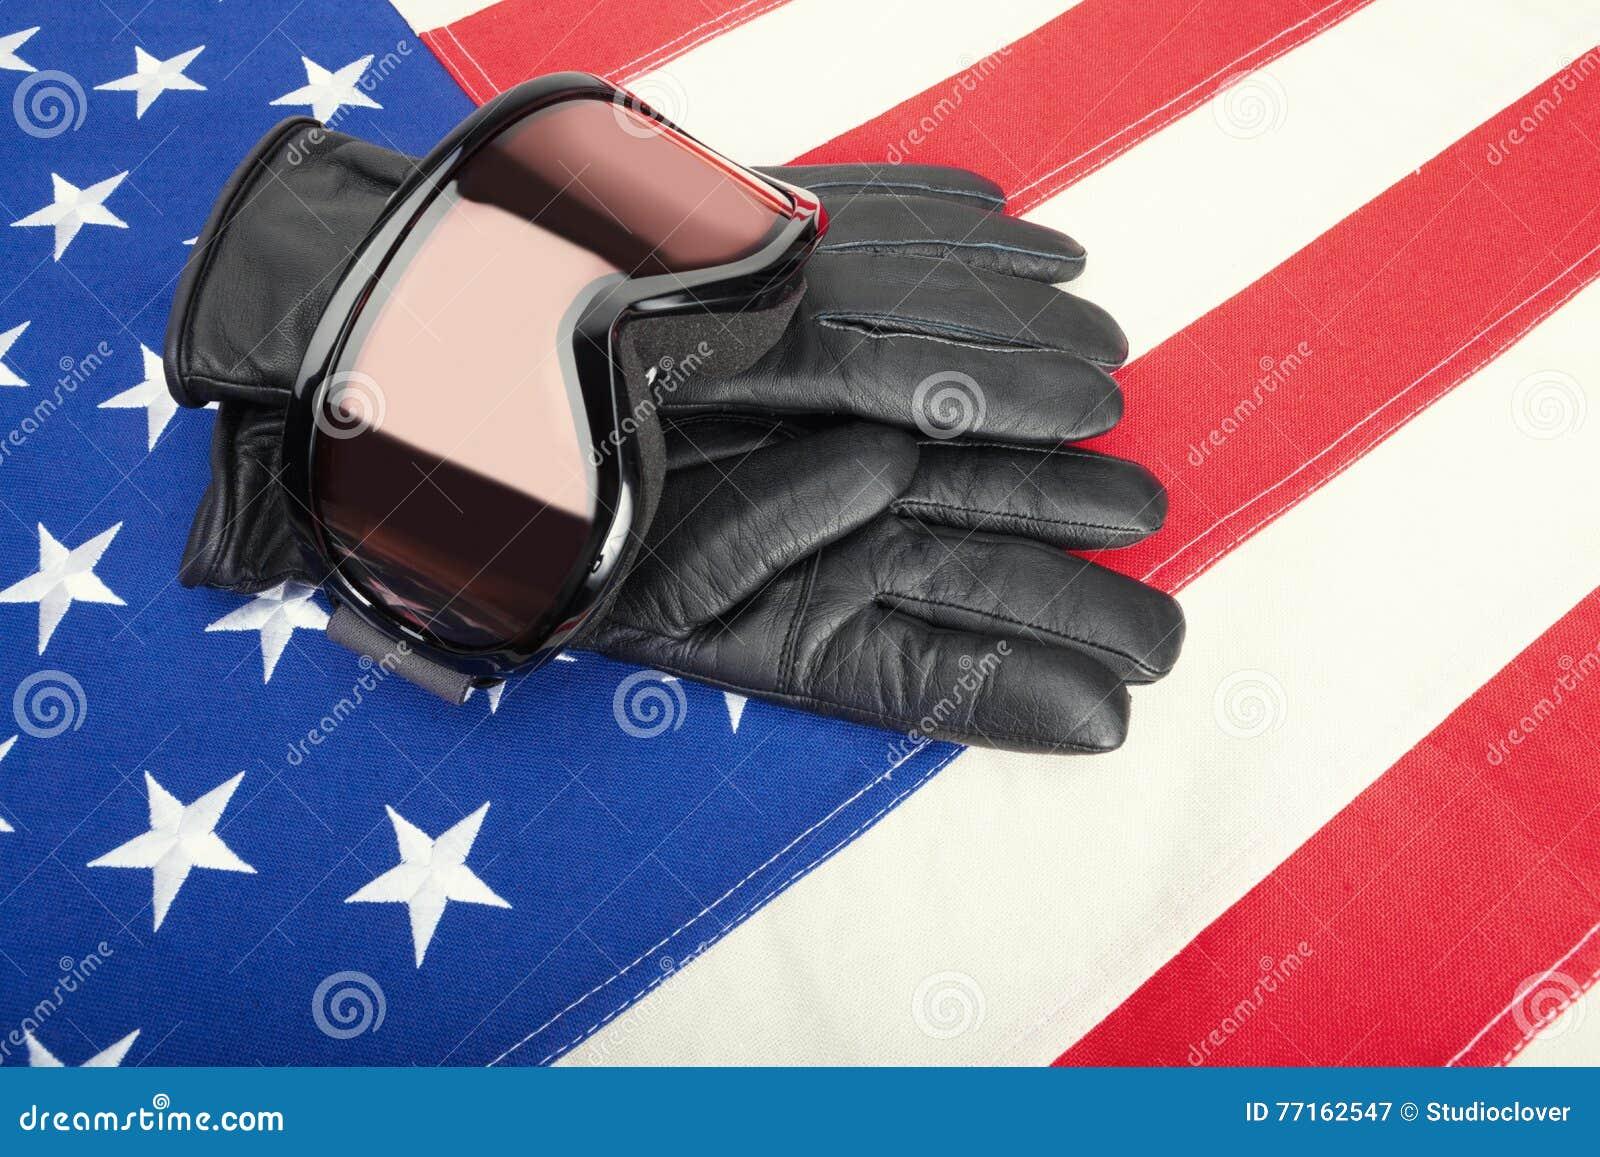 Lunettes et gants de ski au-dessus de drapeau des Etats-Unis